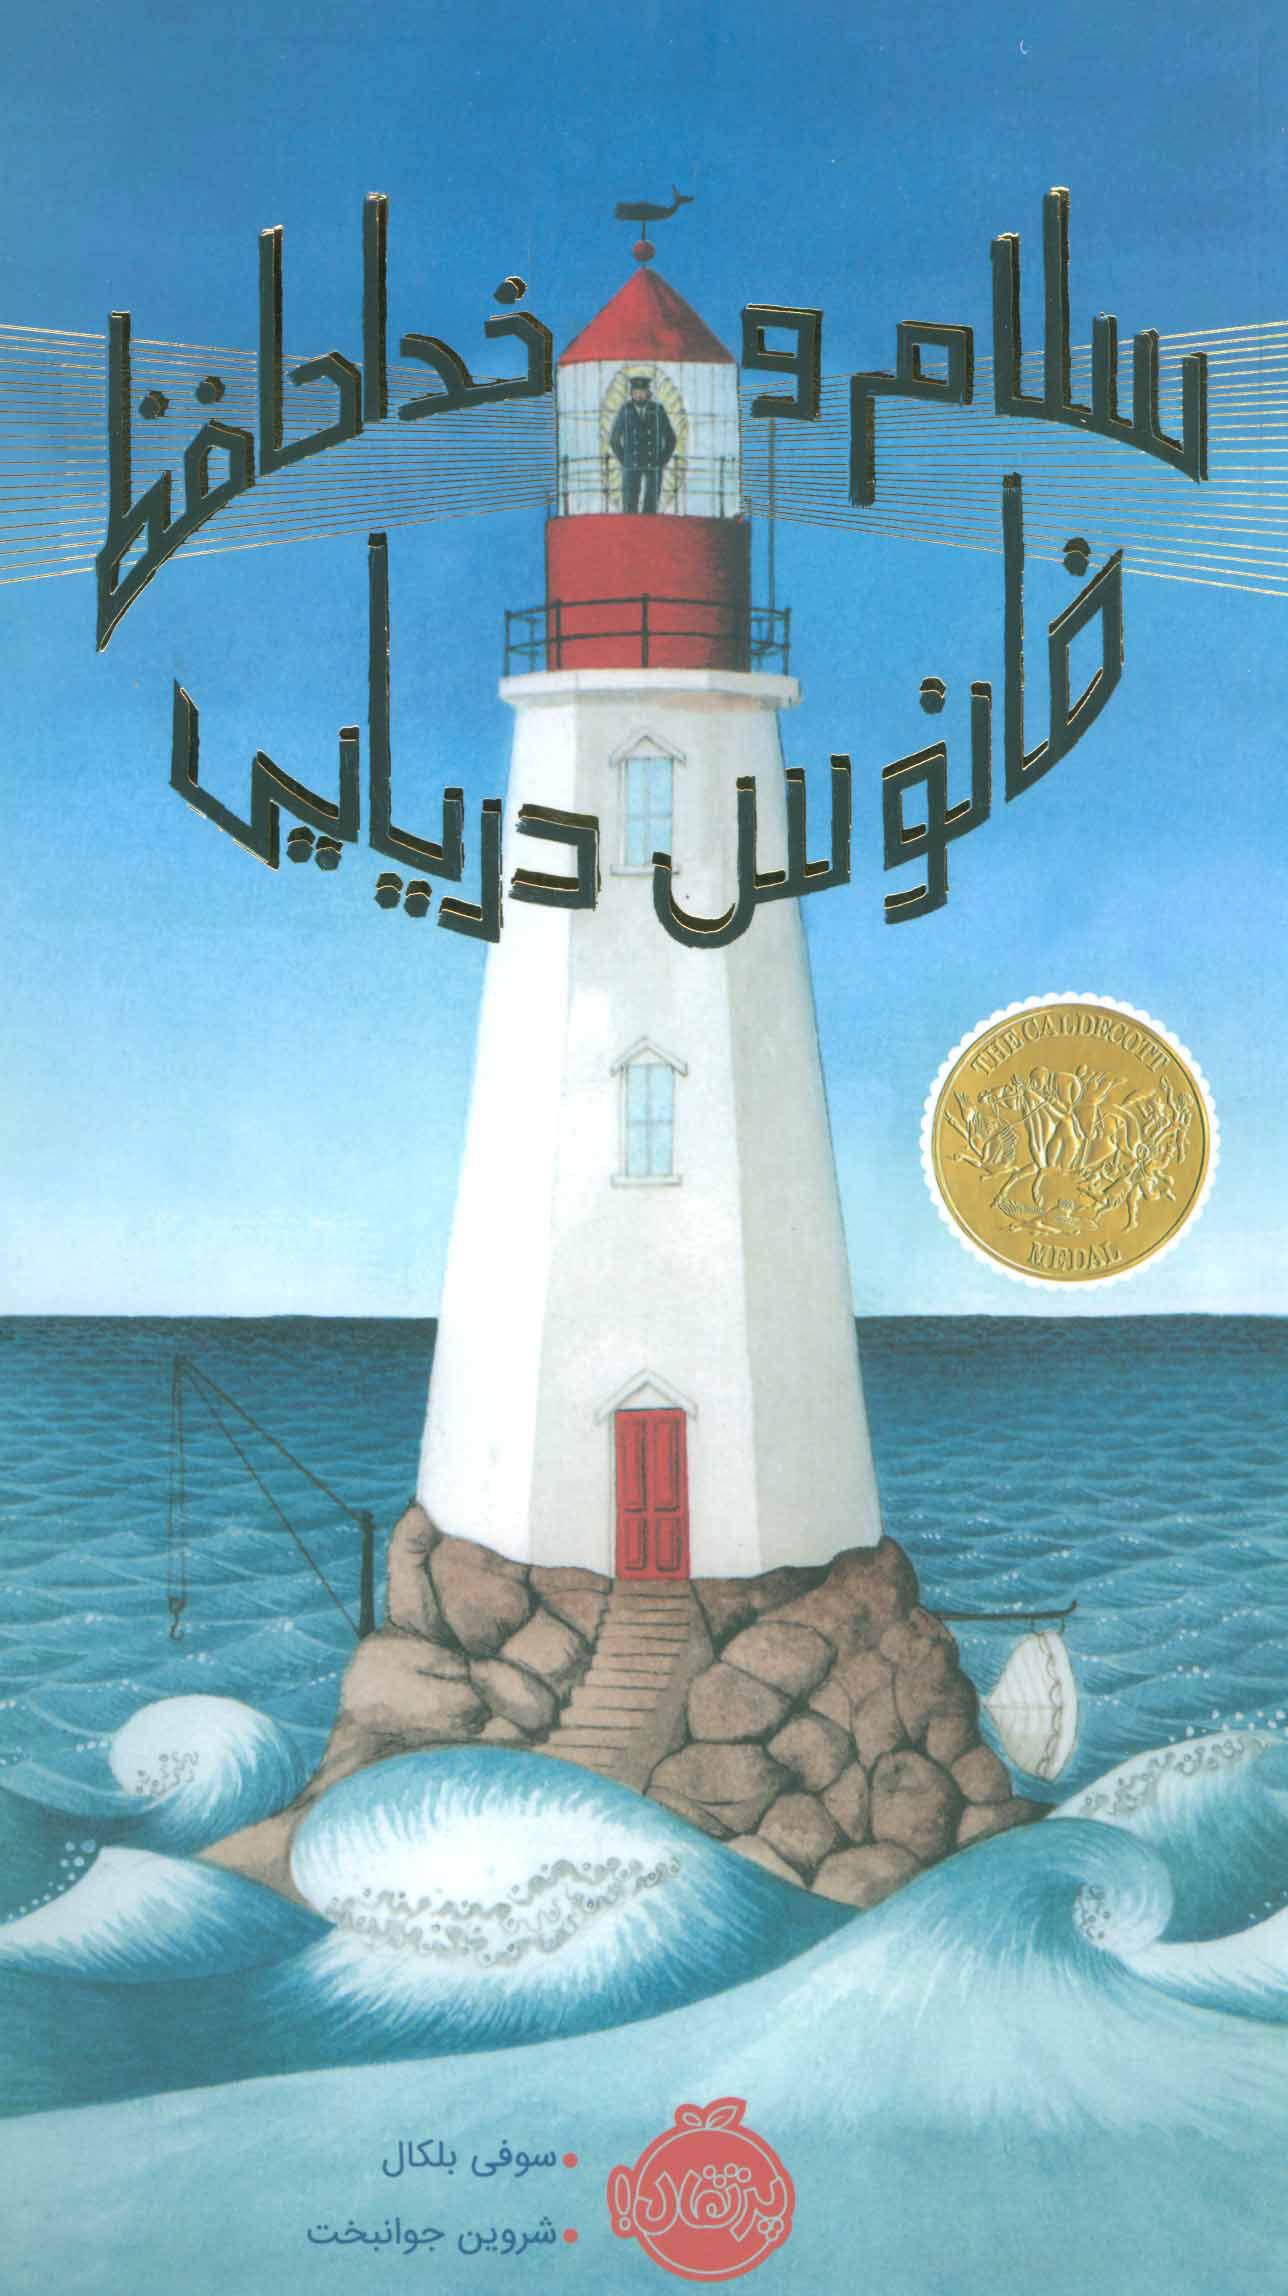 کتاب سلام و خداحافظ فانوس دریایی